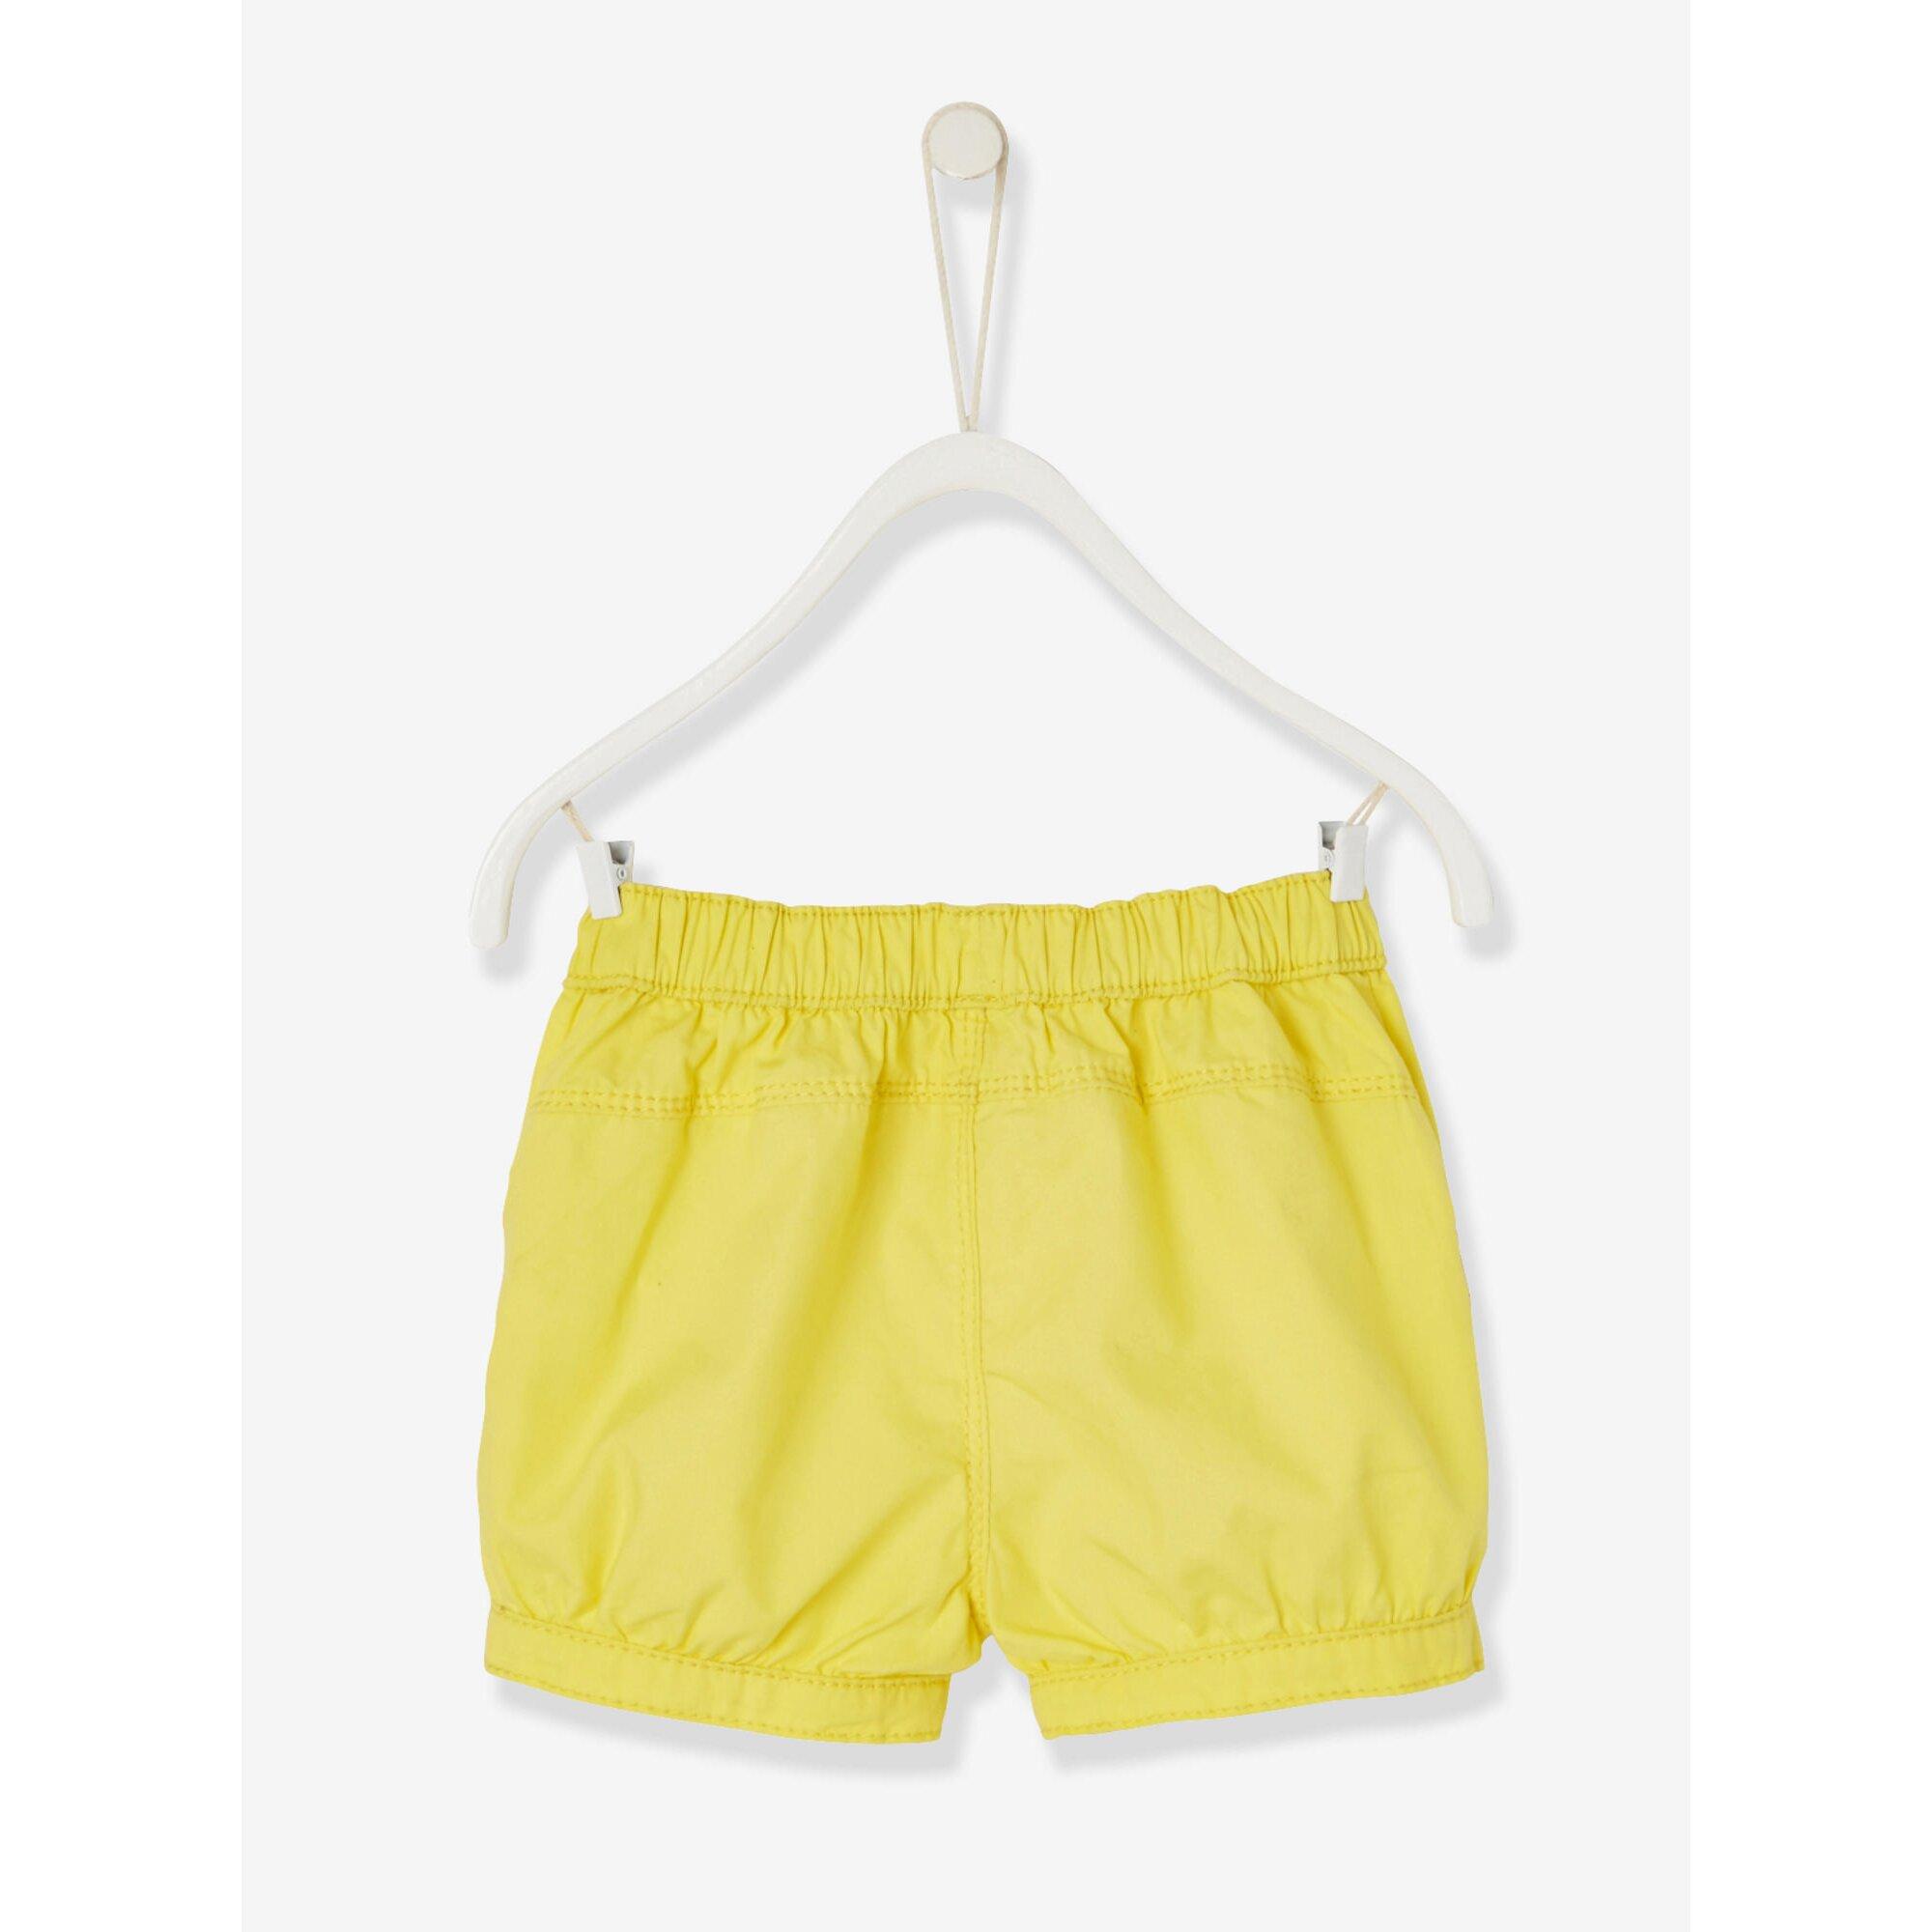 vertbaudet-baby-madchen-shorts-baumwolle, 12.99 EUR @ babywalz-de